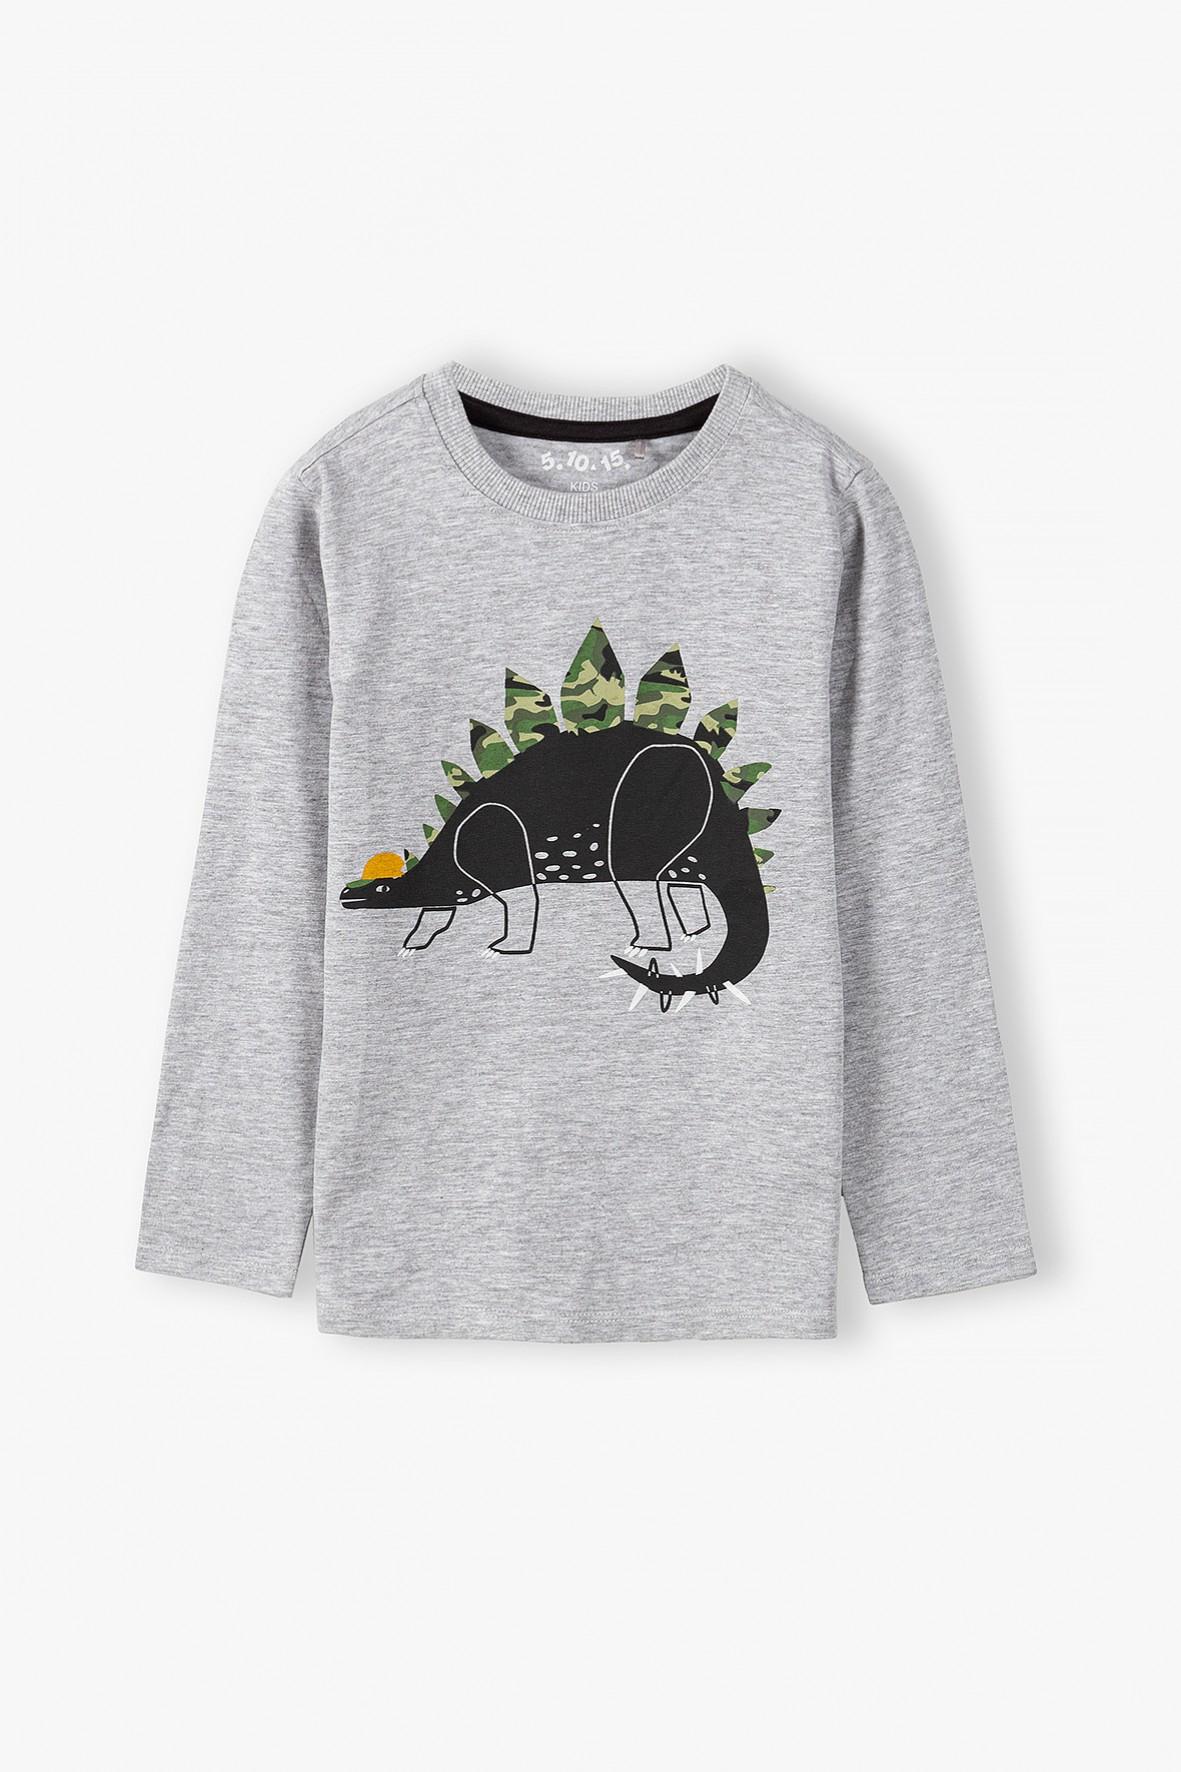 Bluzka chłopięca szara z dinozaurem